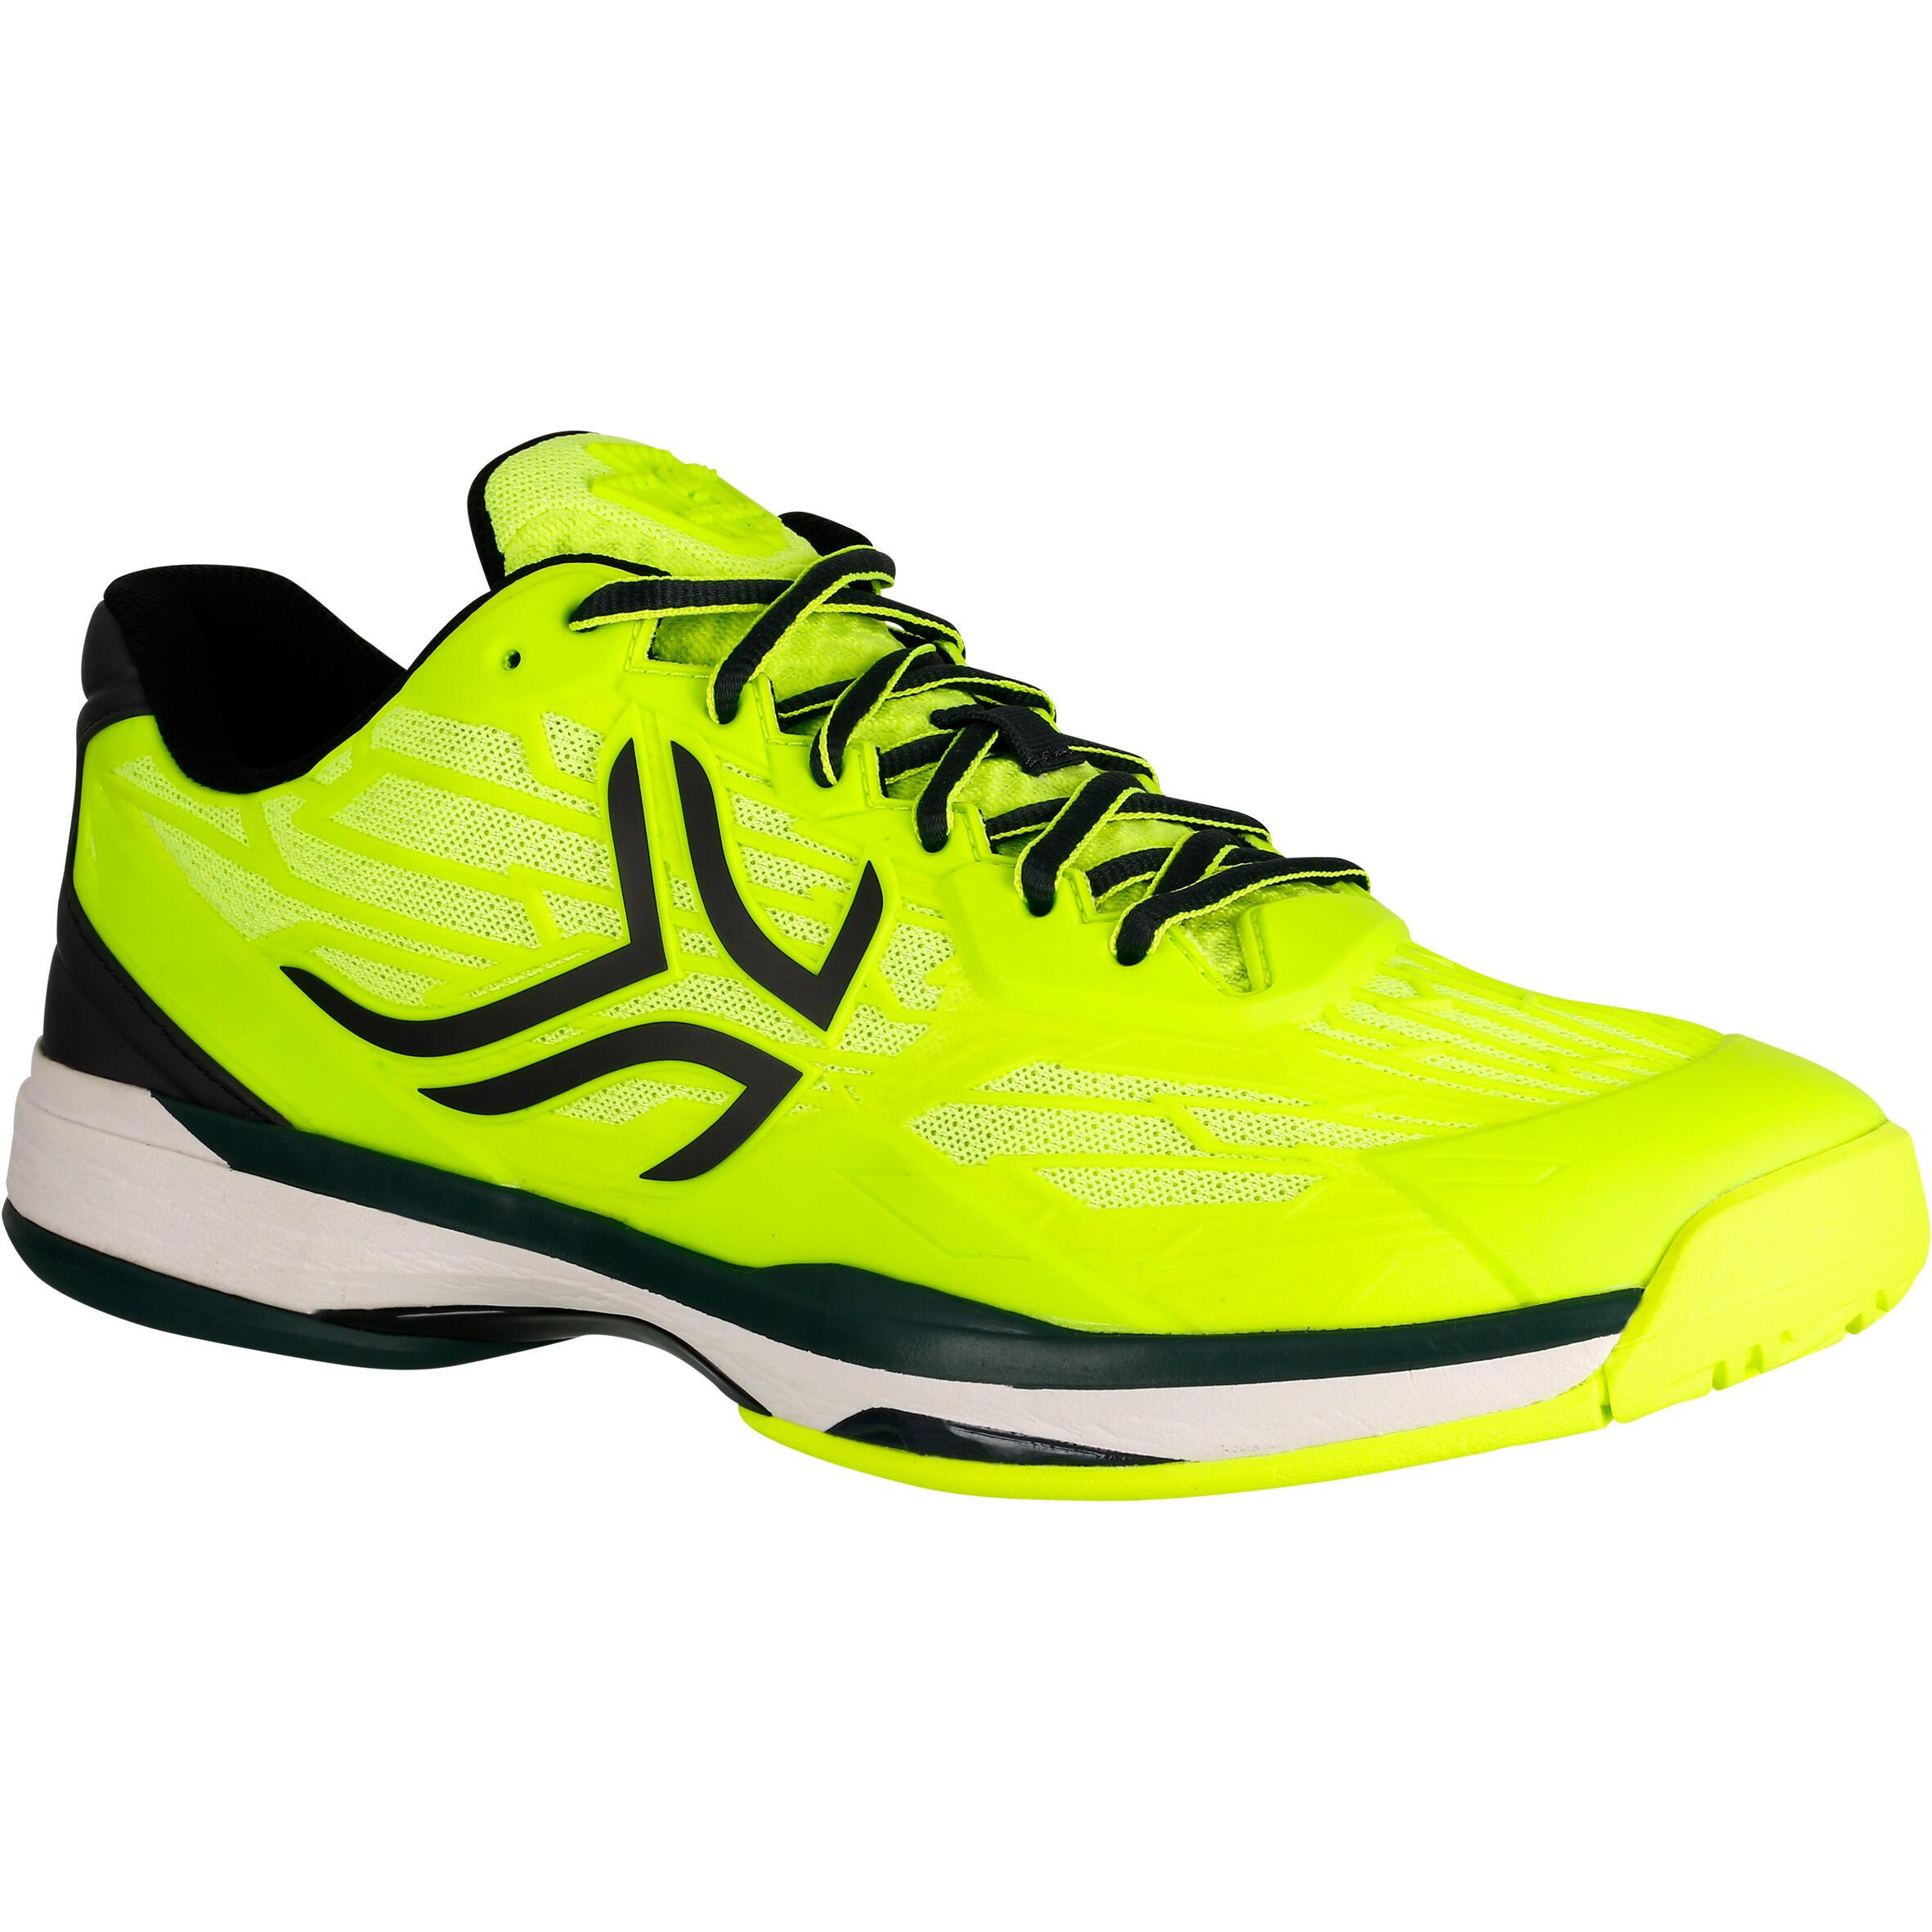 Artengo Tennisschoenen voor heren TS990 omni zool